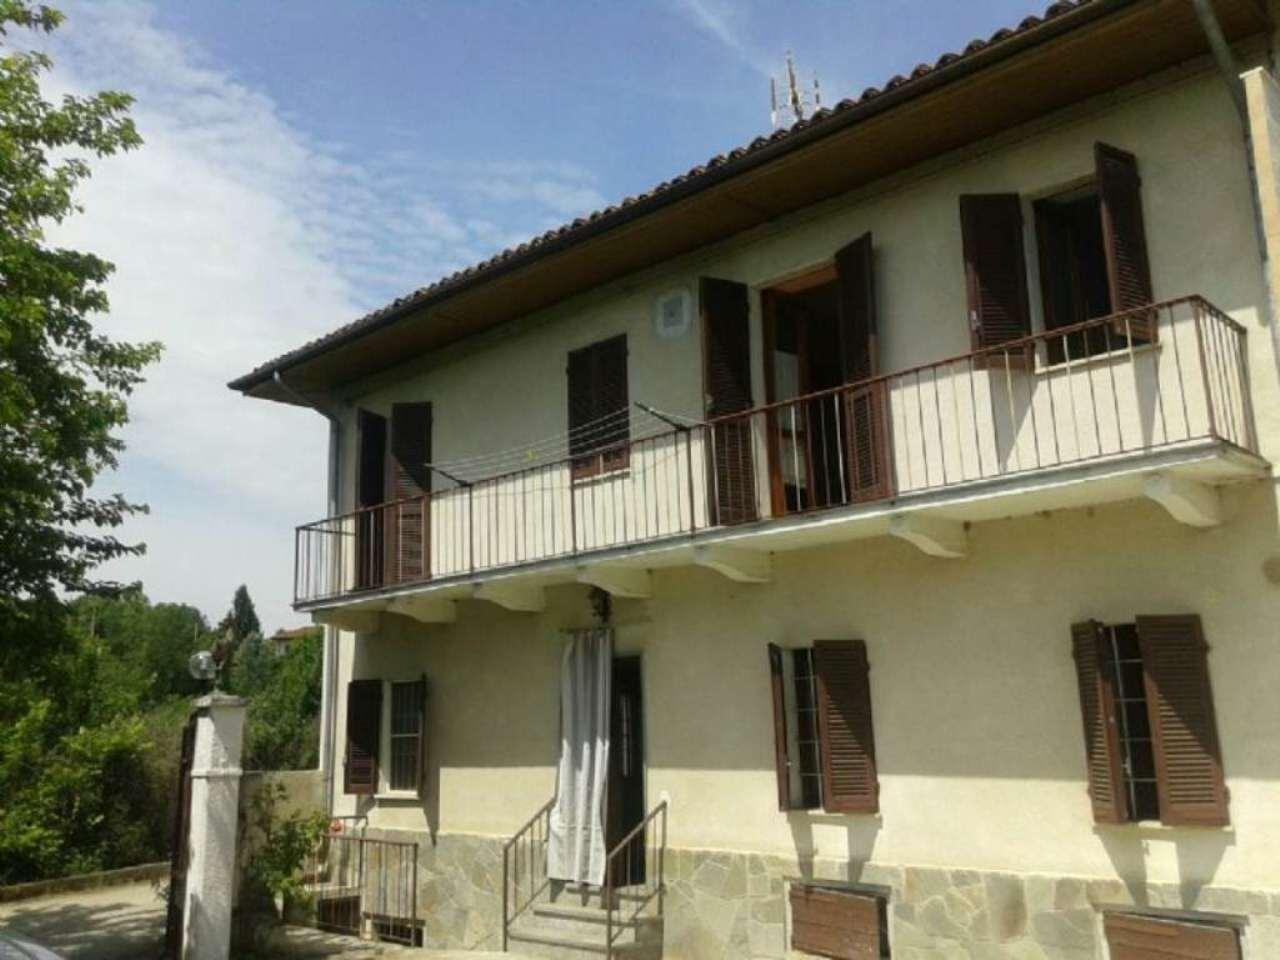 Soluzione Indipendente in vendita a Cerreto d'Asti, 8 locali, prezzo € 79.000 | CambioCasa.it